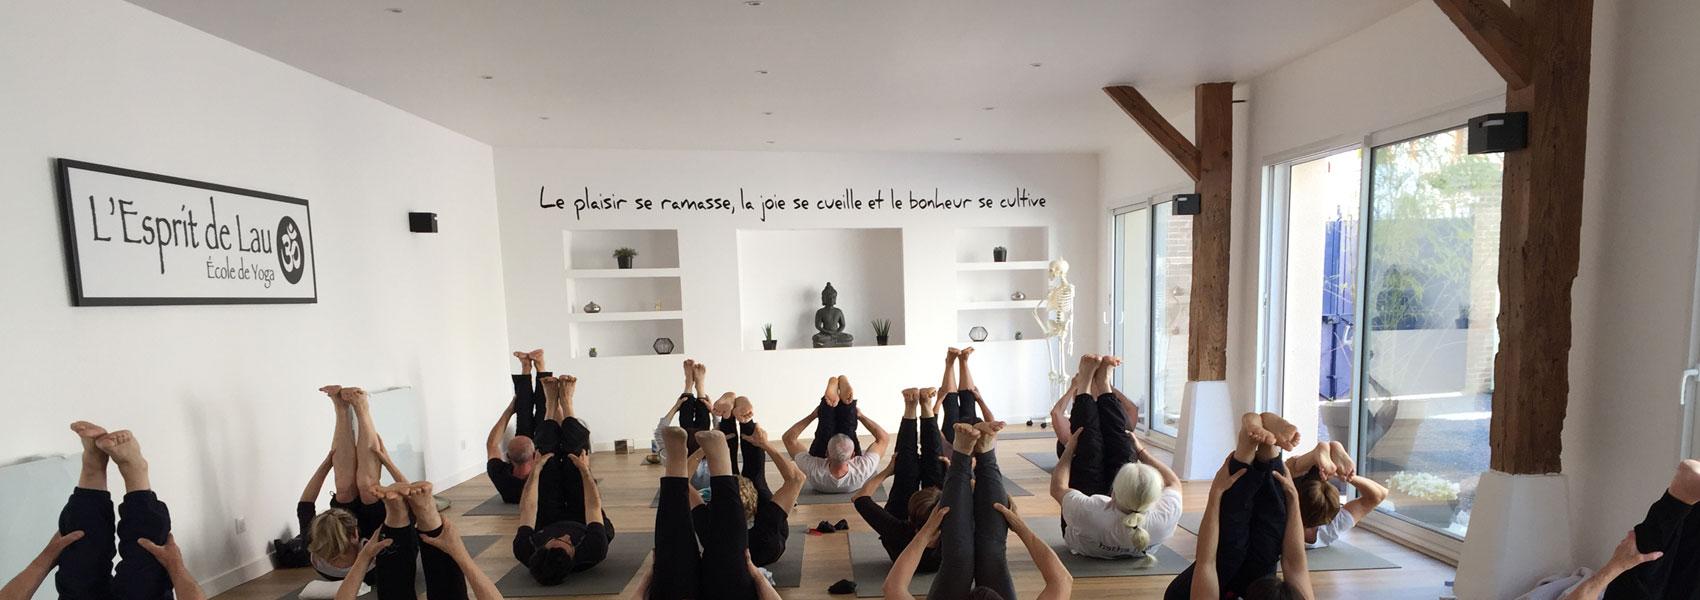 Esprit-de-LAU-salle-de-Yoga